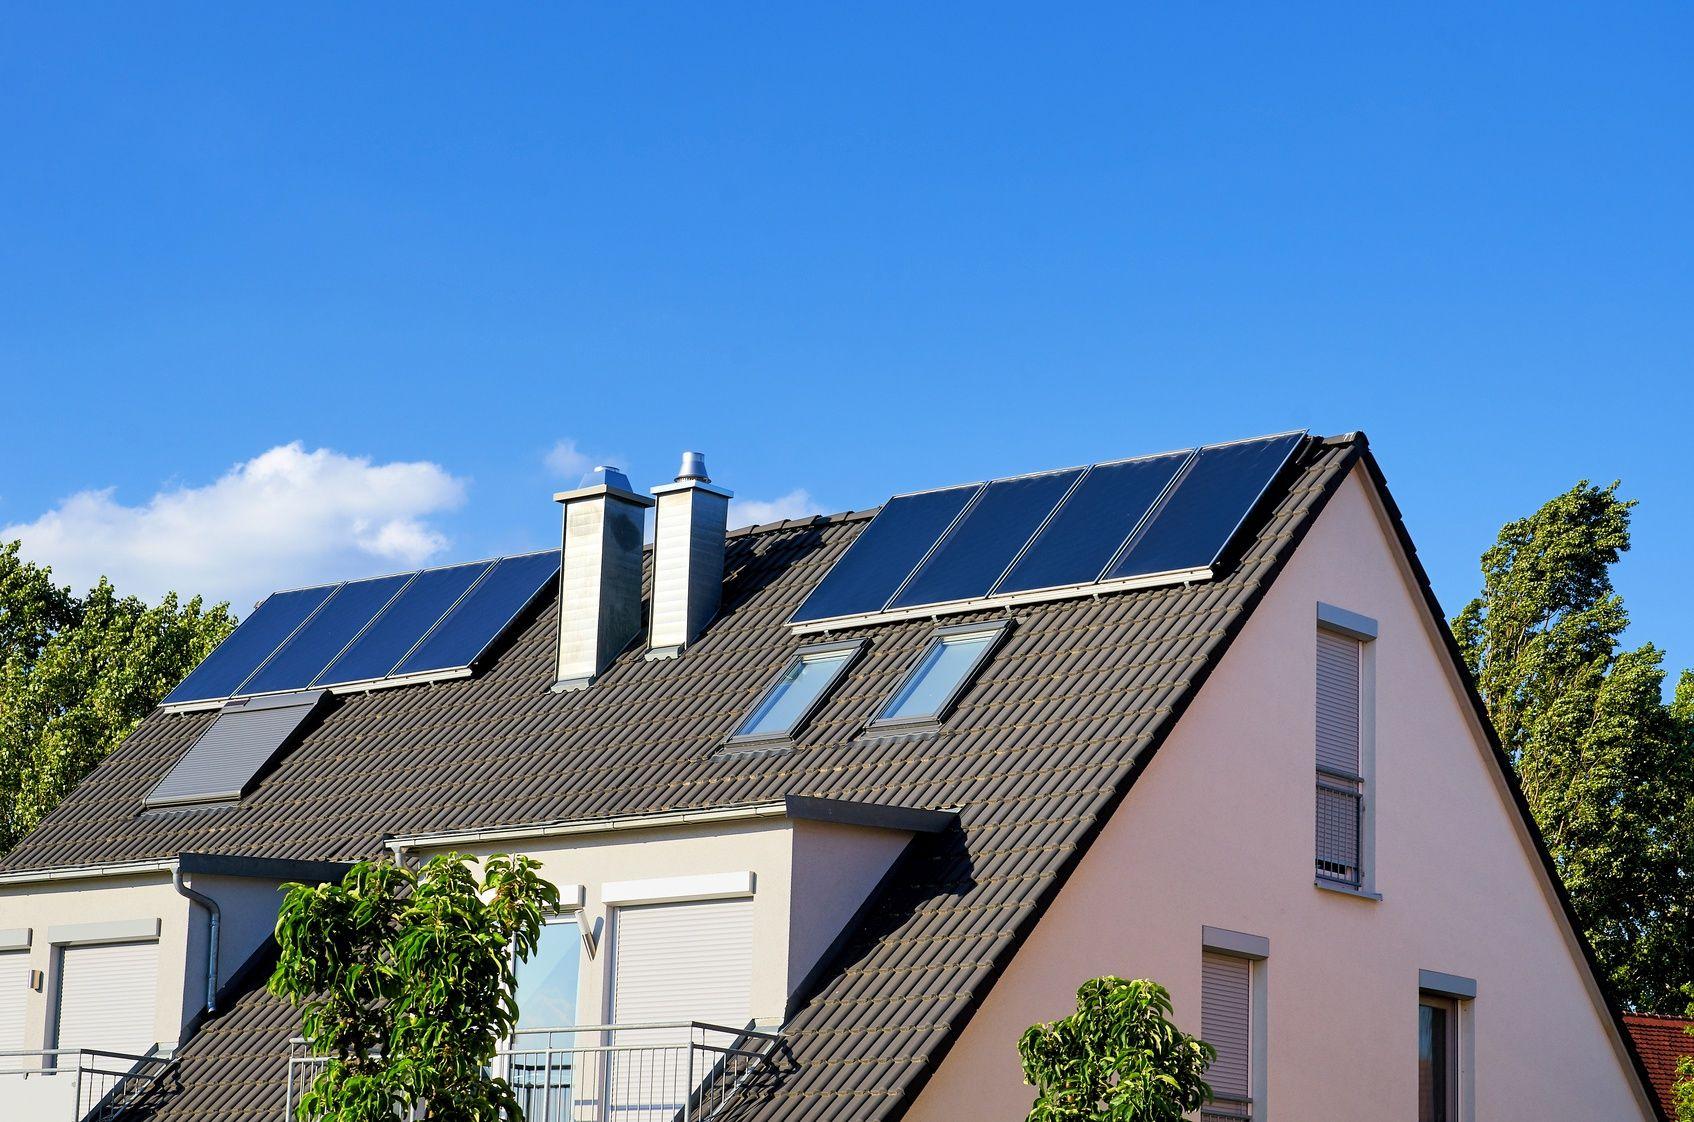 Gasheizung mit Solar: die ideale Heizungskombination